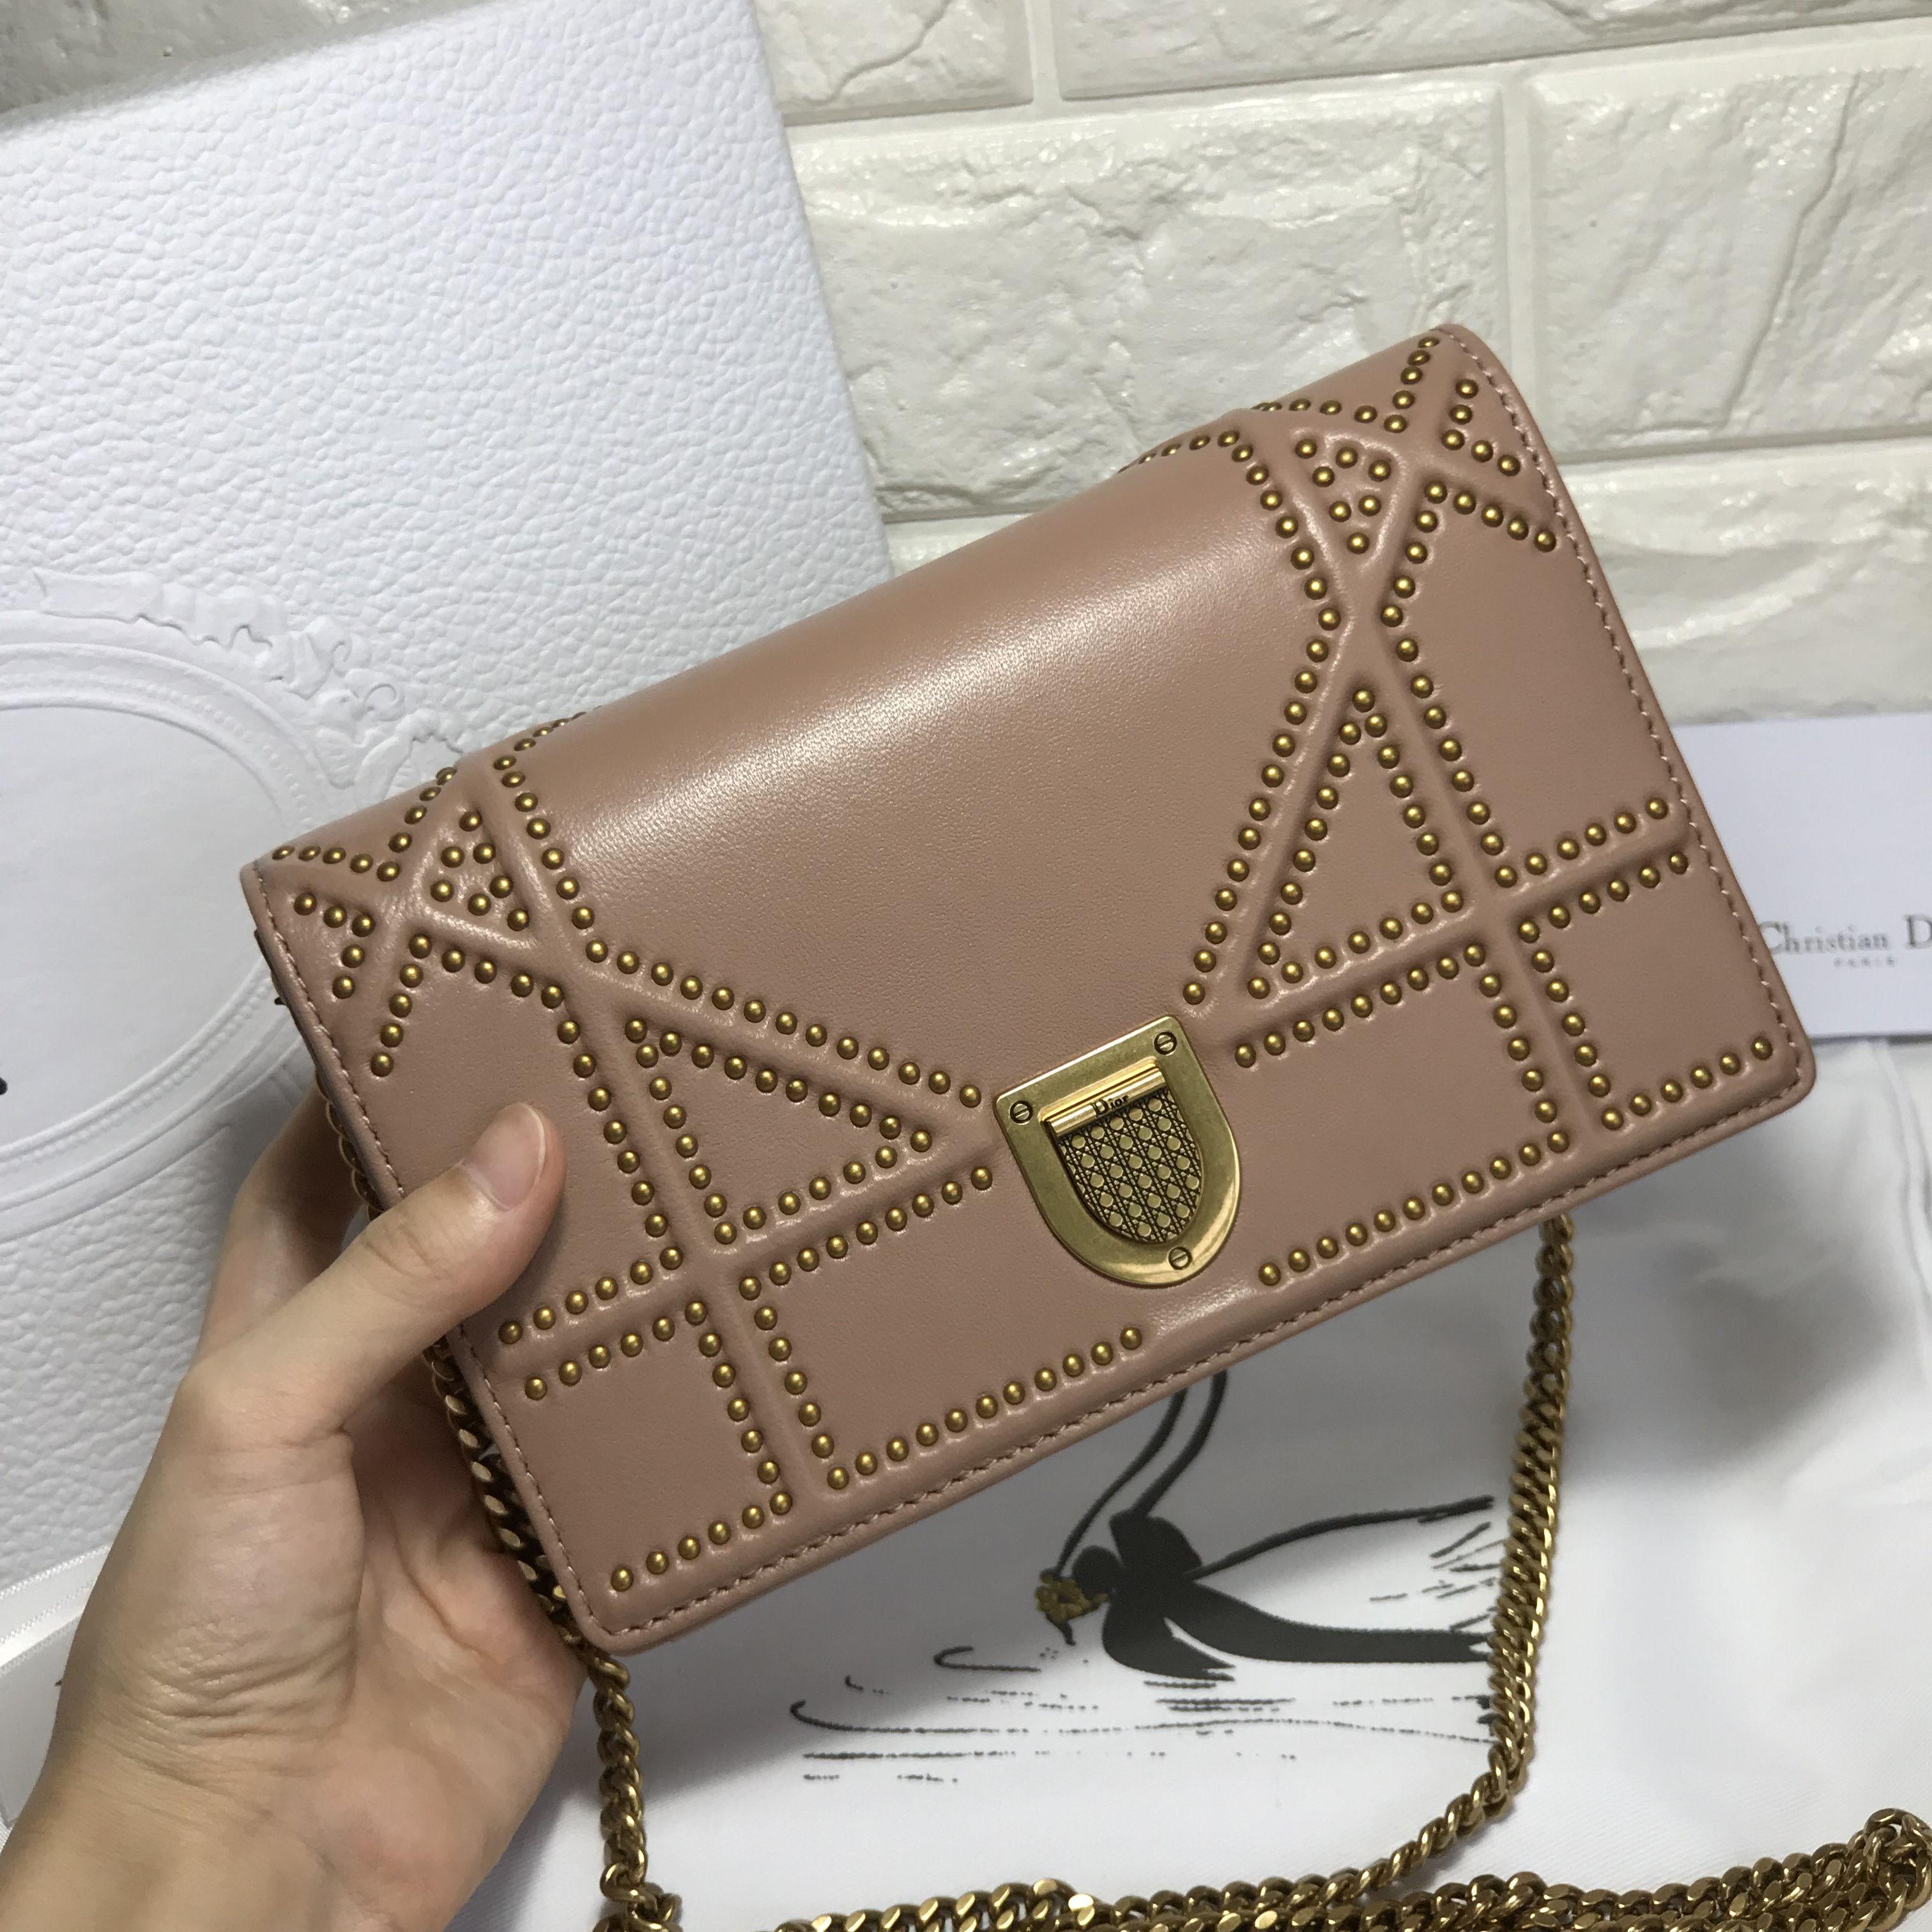 1a9508f7f1f1 Chrisitian Dior diorama WOC chain flap bag original leather version ...